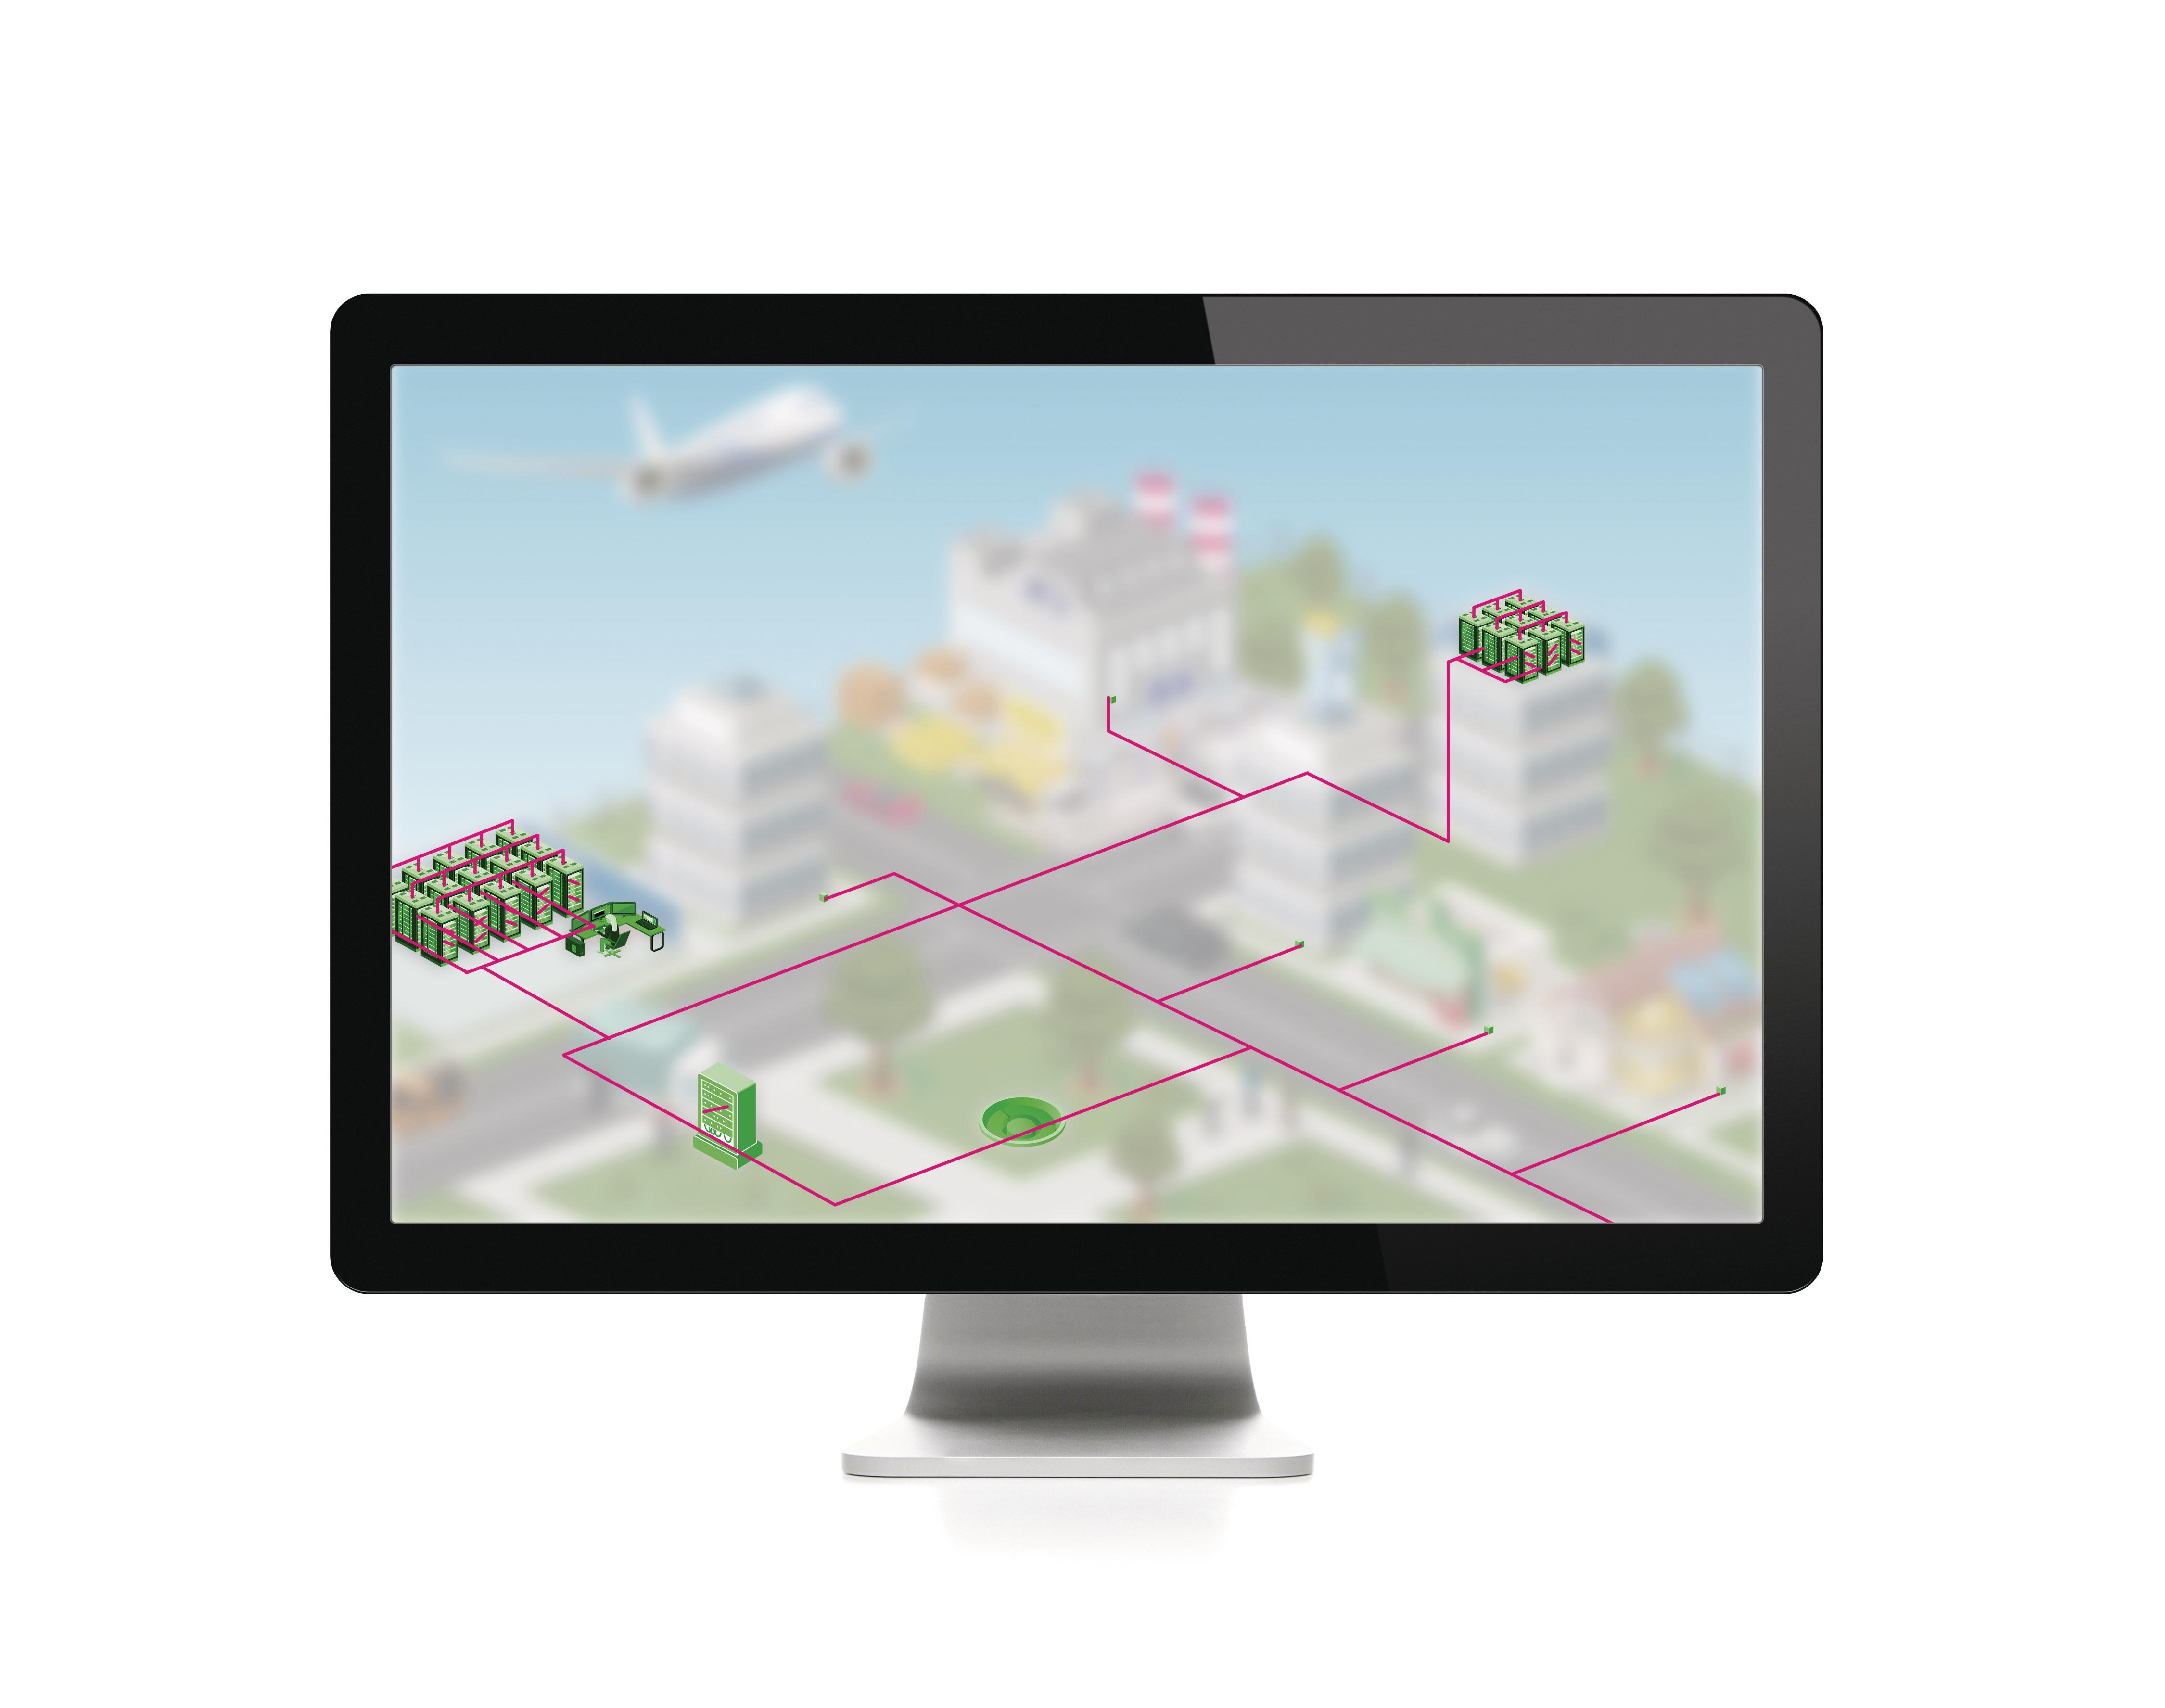 Digitales Abbild, um die IT-Hardware erweitert.